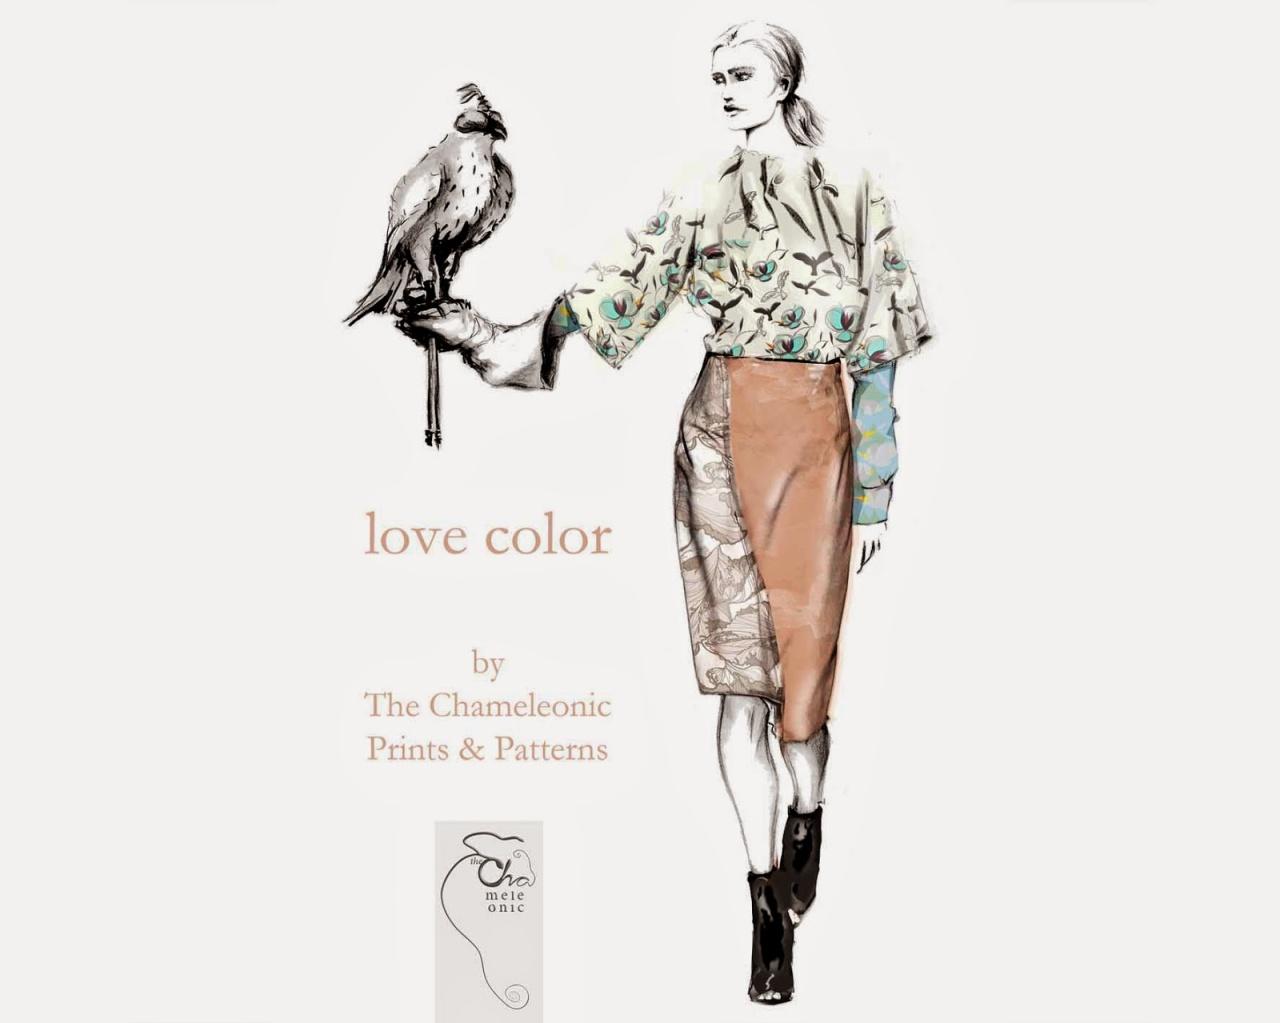 lovecolorbythechameleonicprints&patterns